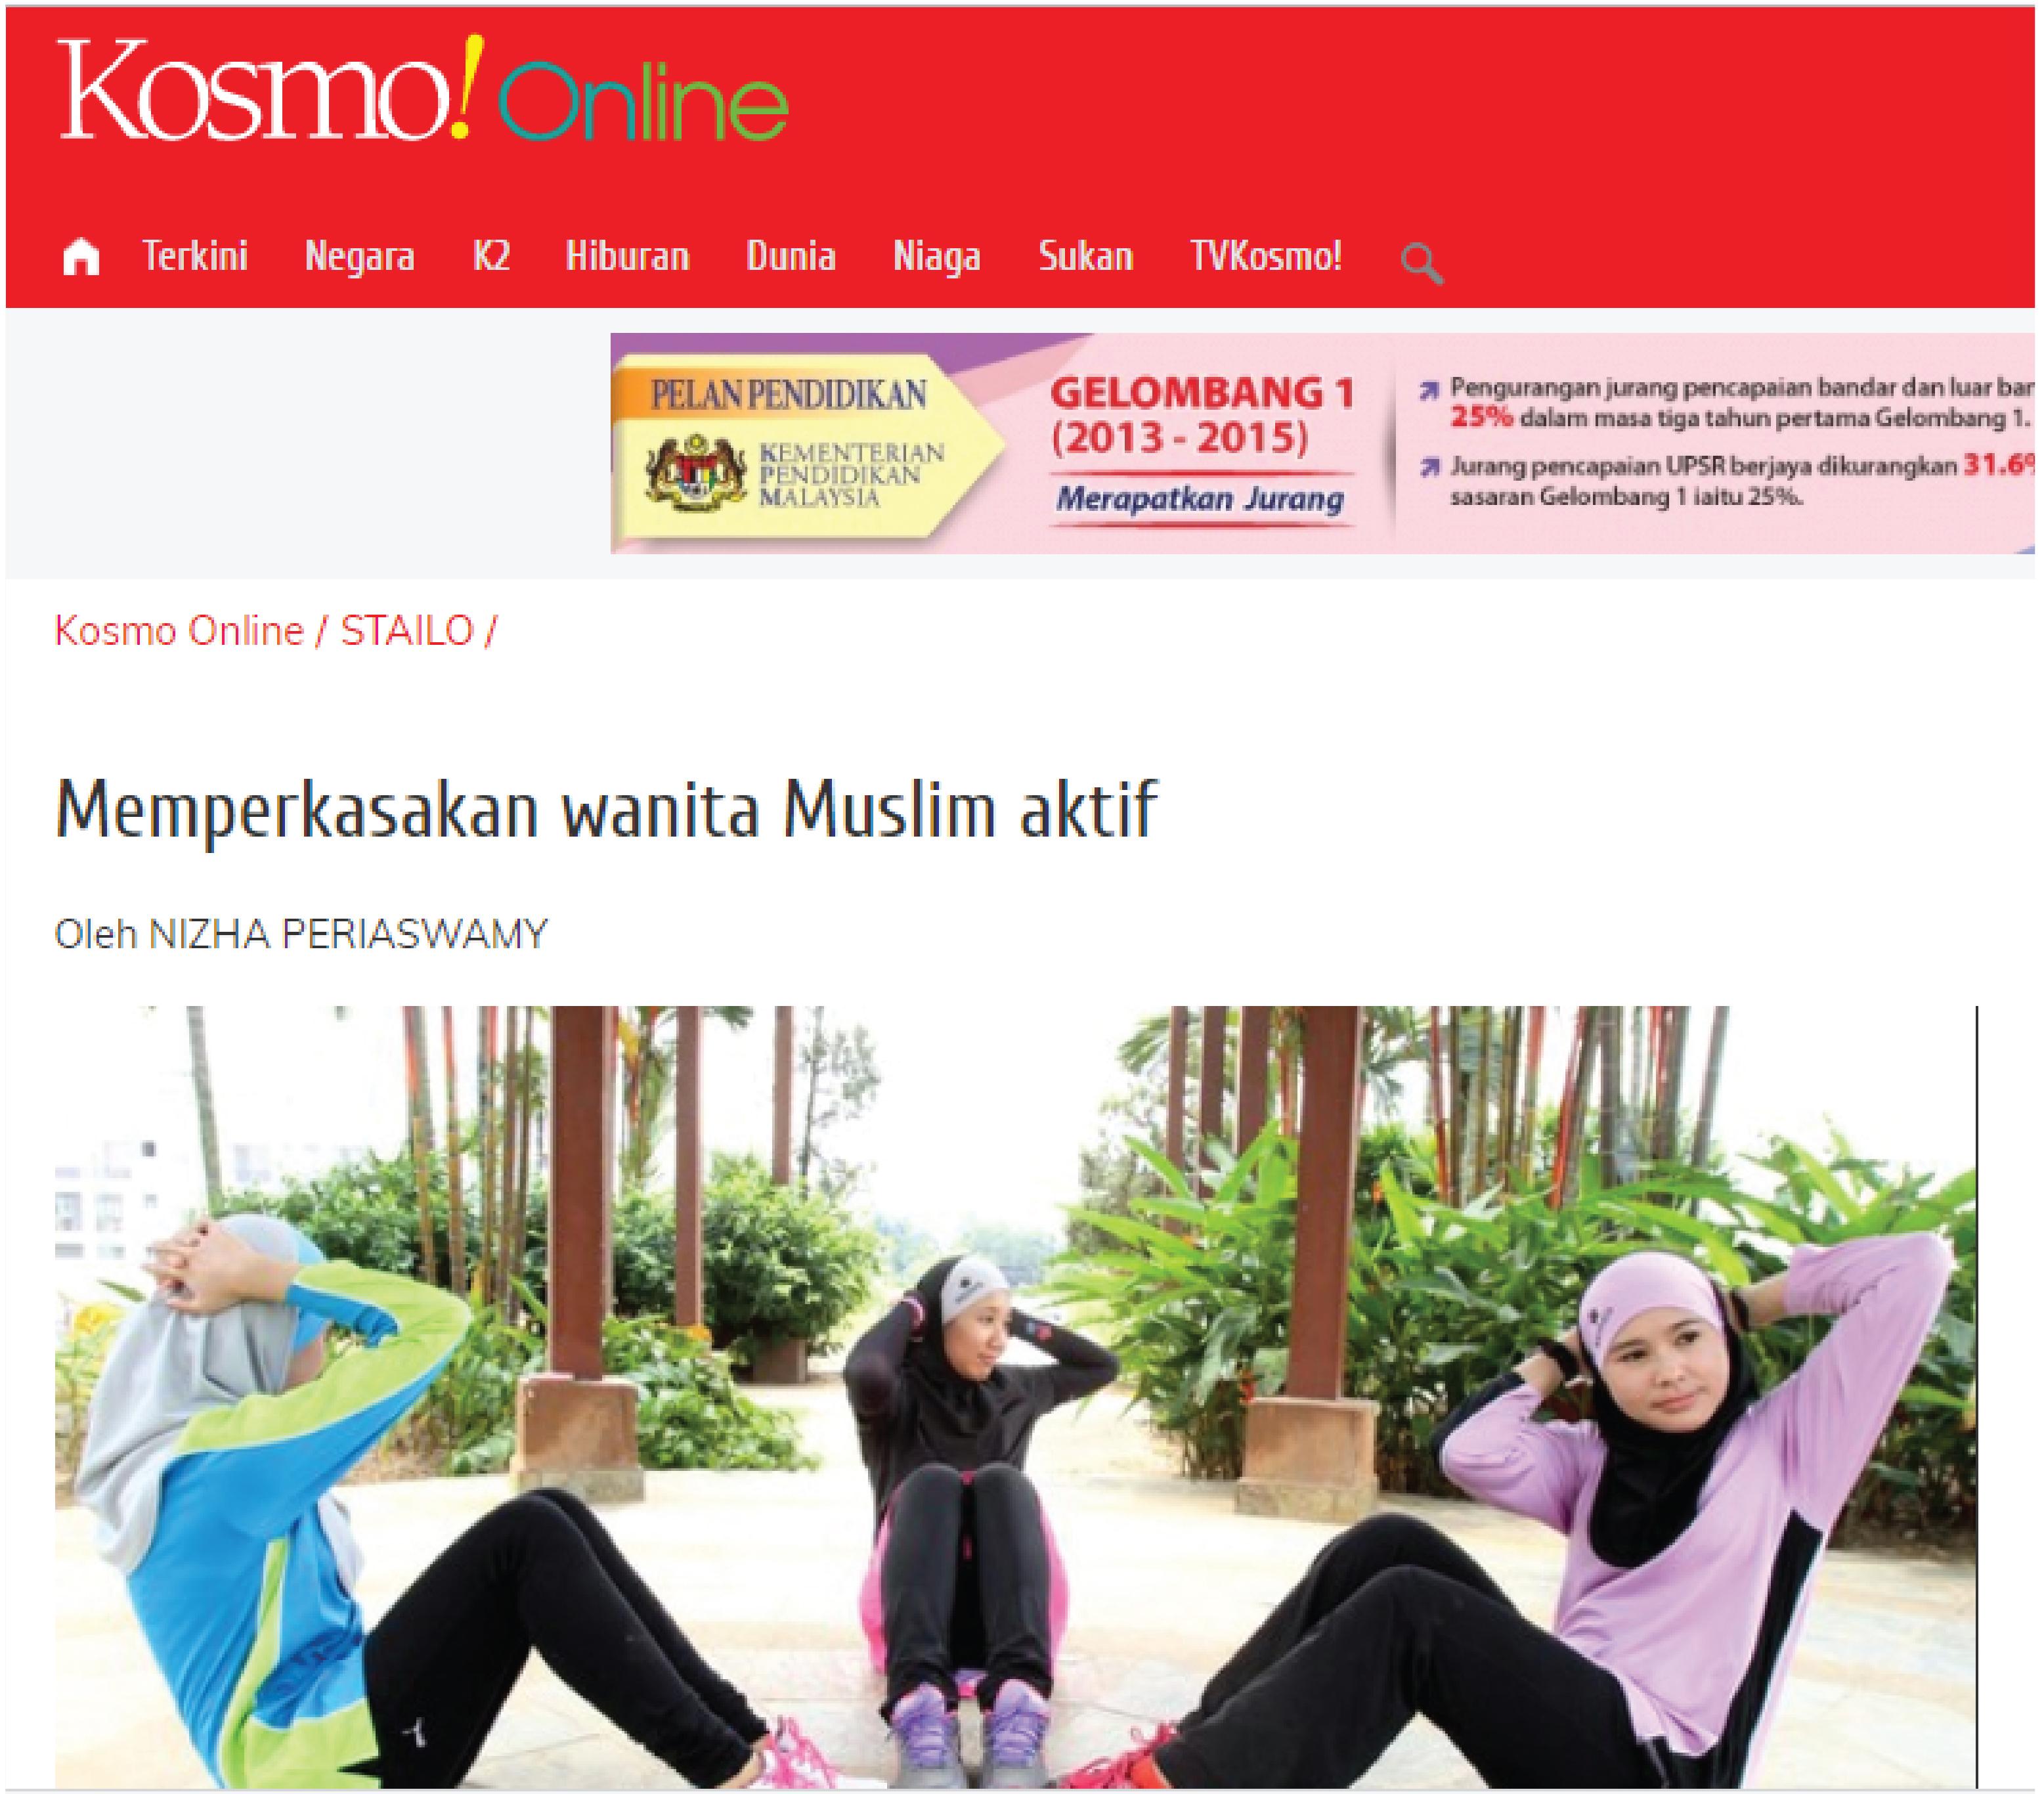 Memperkasakan wanita muslim aktif